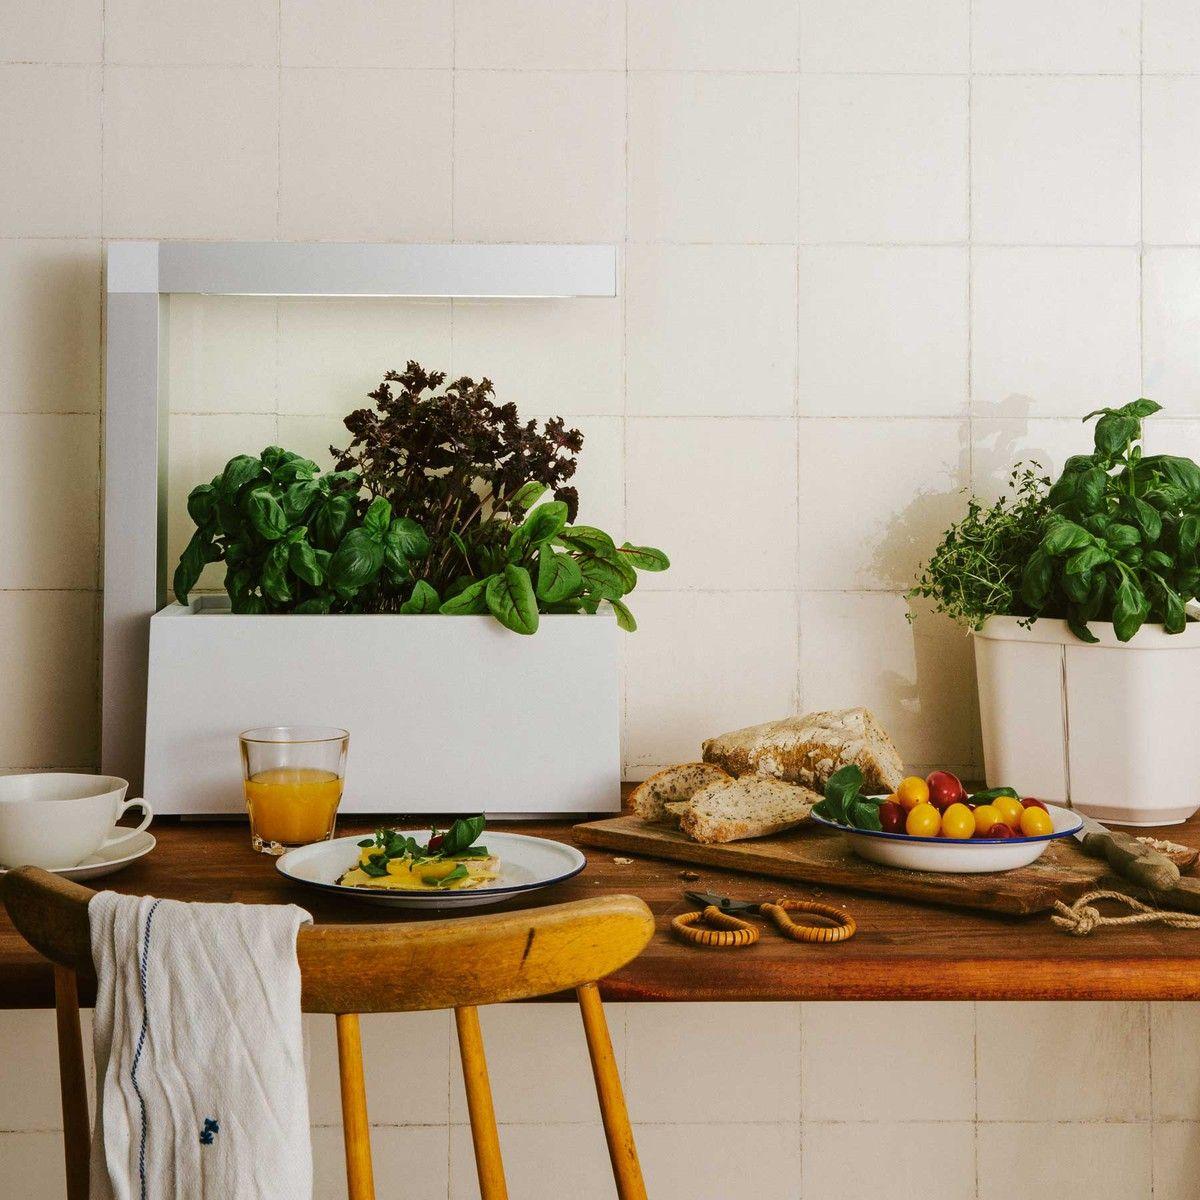 Tregren Herbie Indoor Garden Indoor Garten Kleine Garten Garten